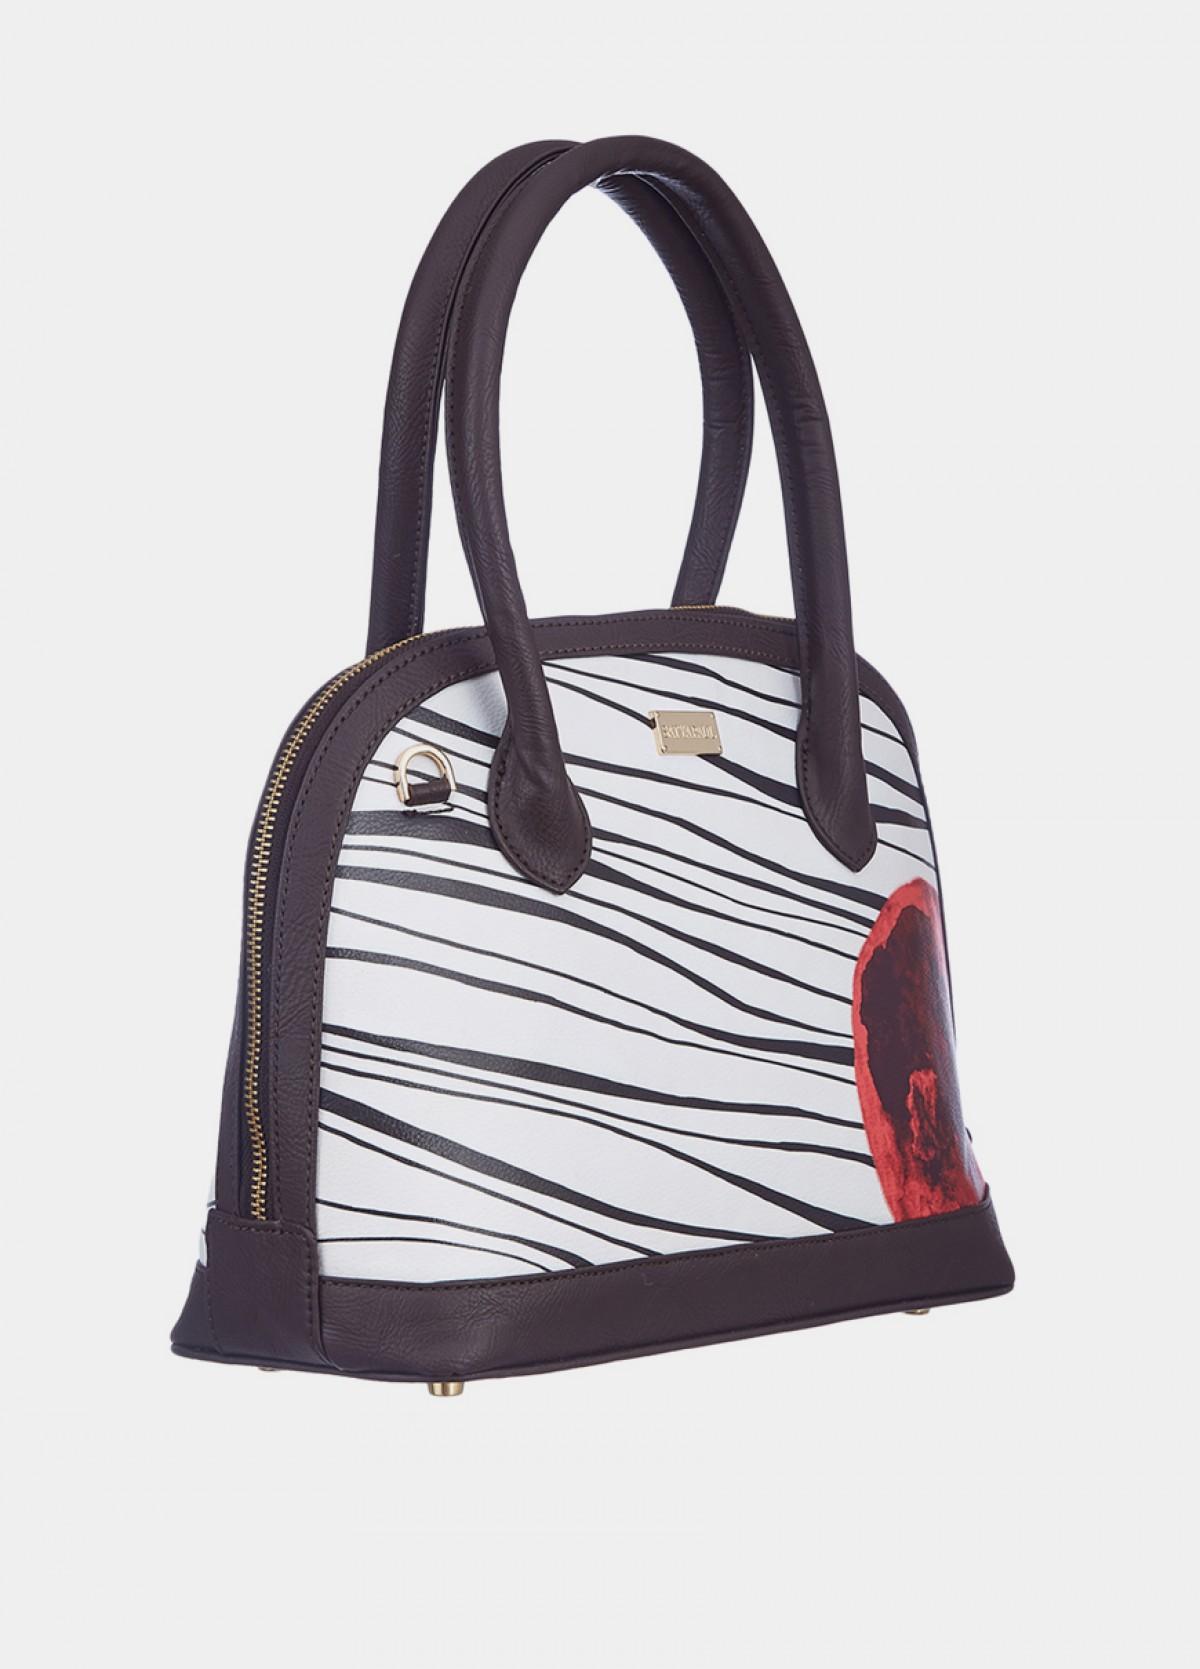 The Bindu D Shape Bag